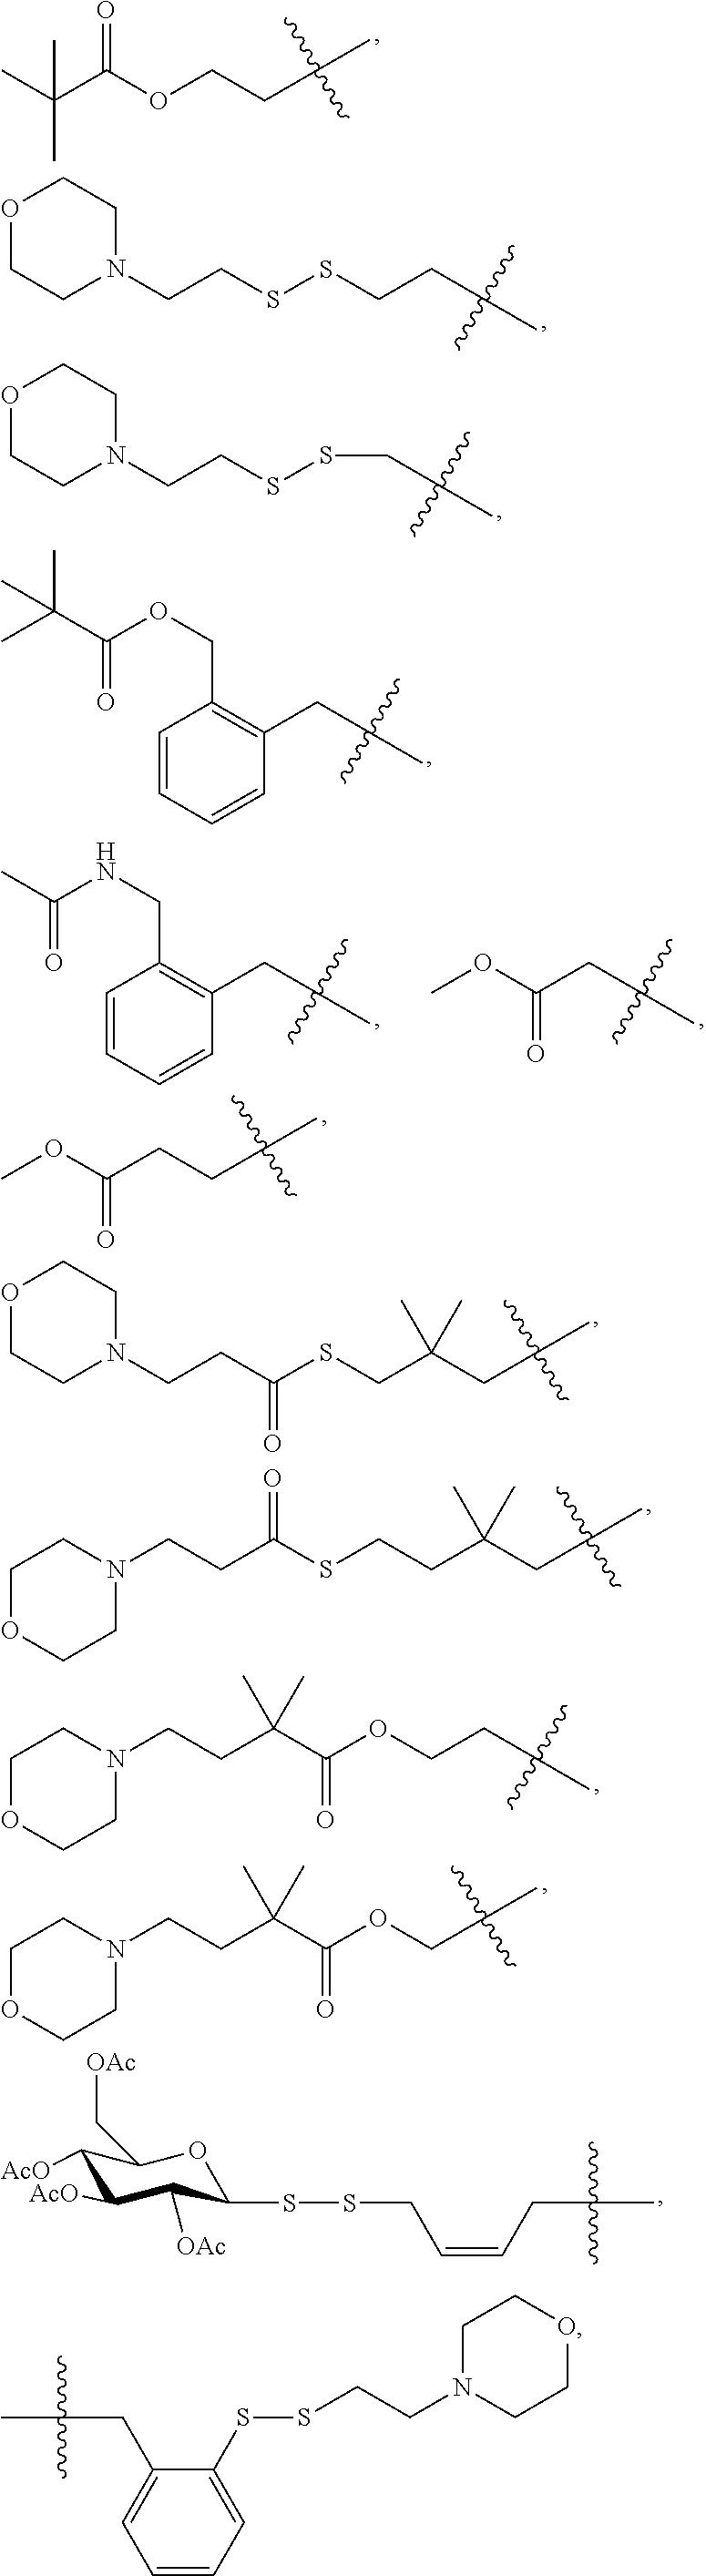 Figure US09982257-20180529-C00127